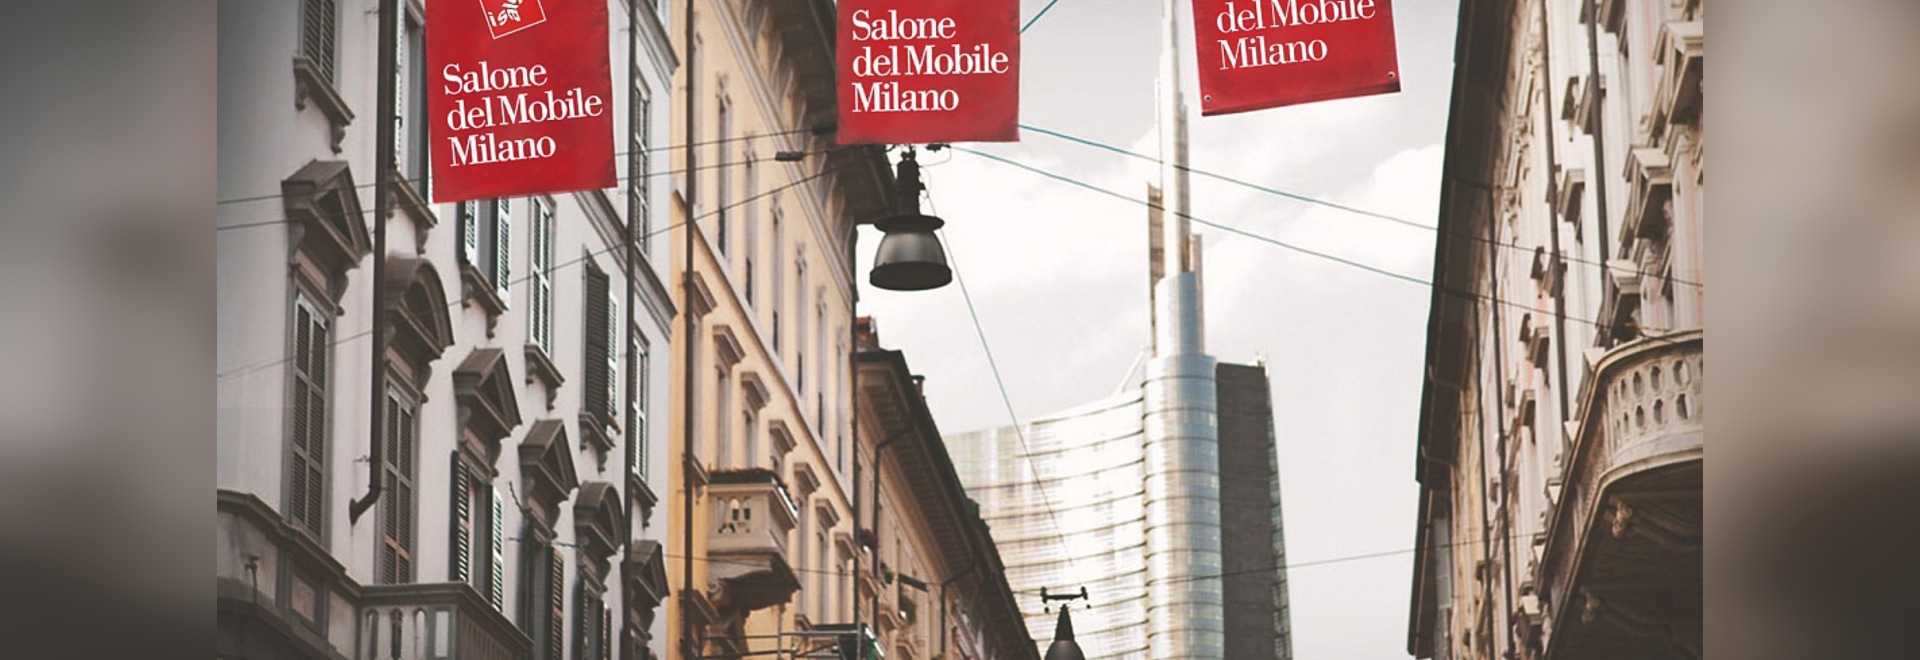 Milano 2017: I giovani & internazionalmente applauditi